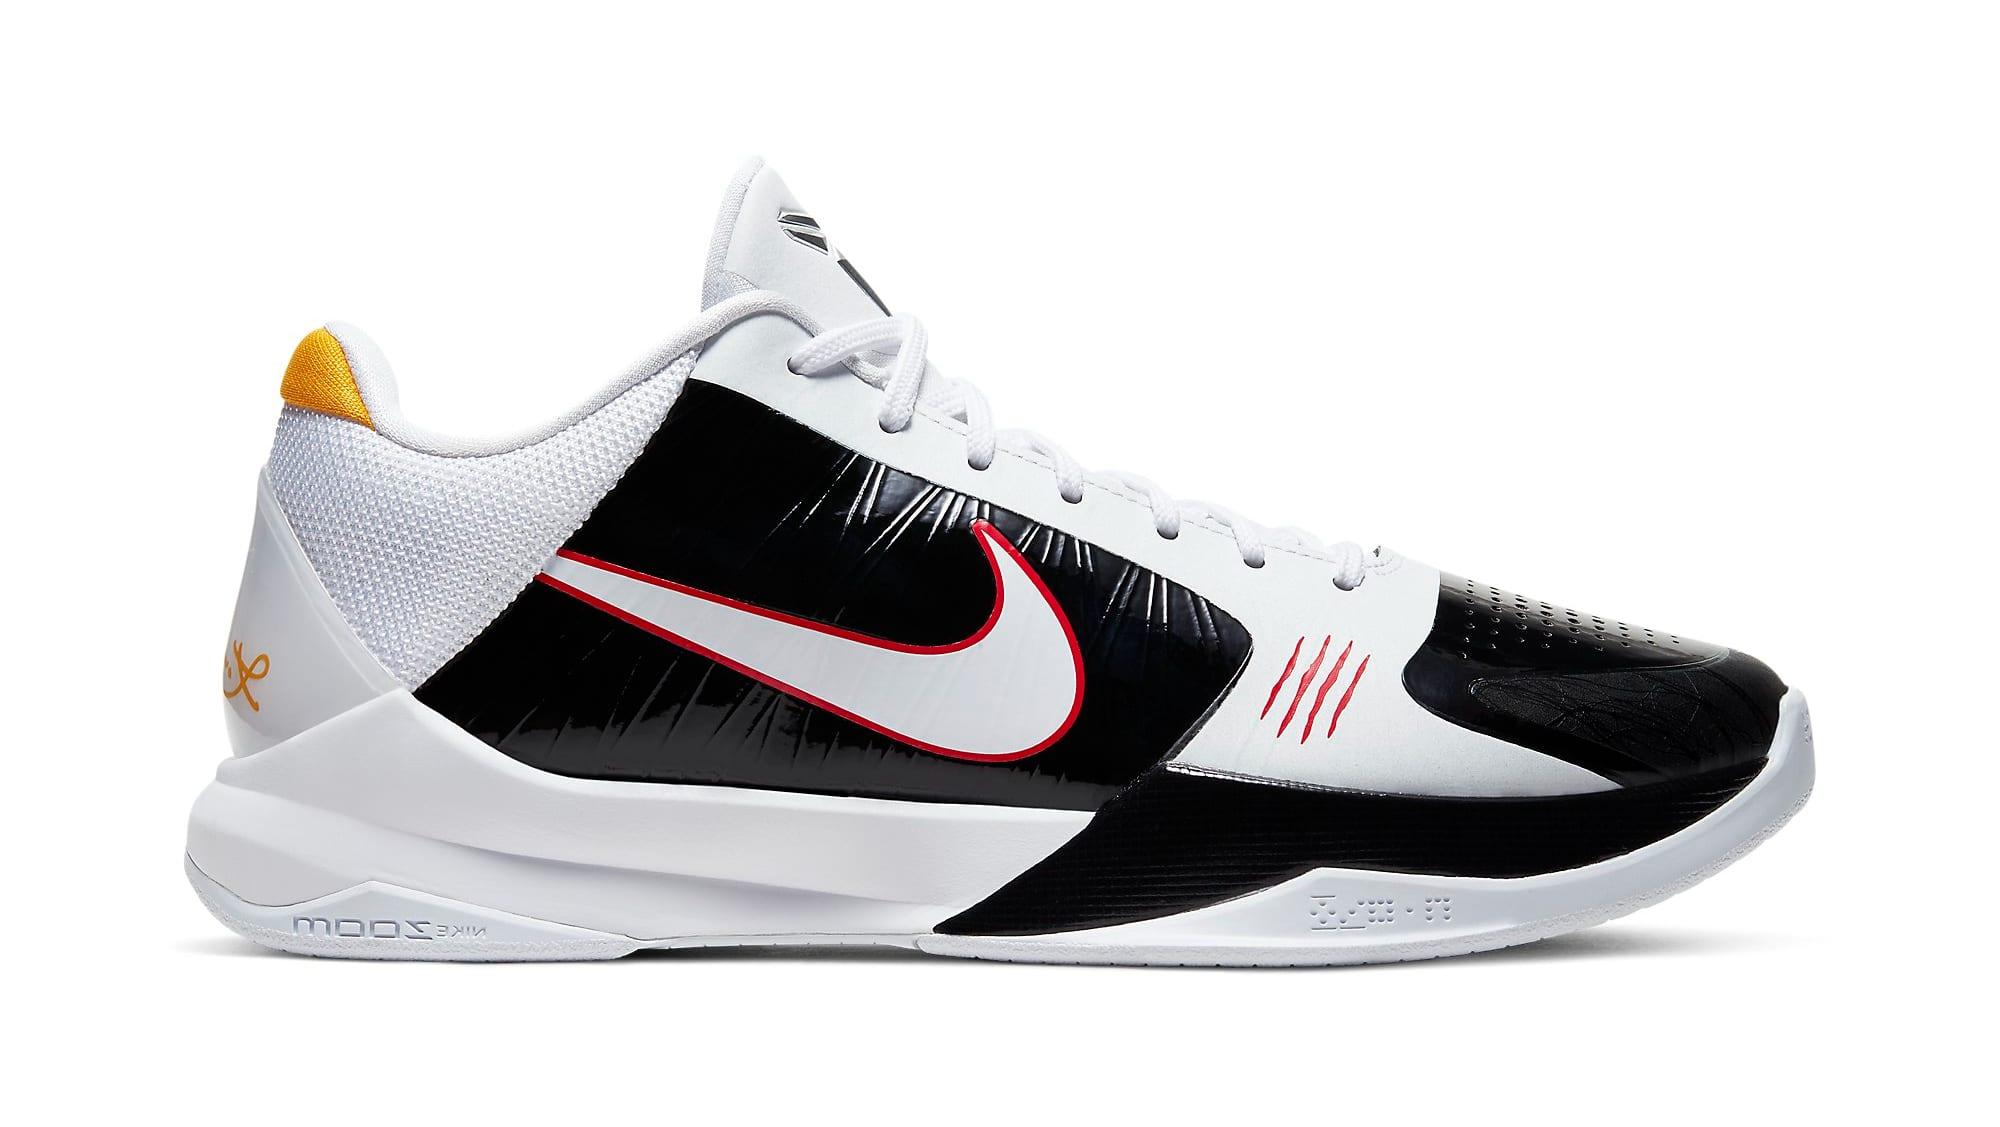 Nike Kobe 5 Protro 'Alternate Bruce Lee' CD4991-101 Release Date